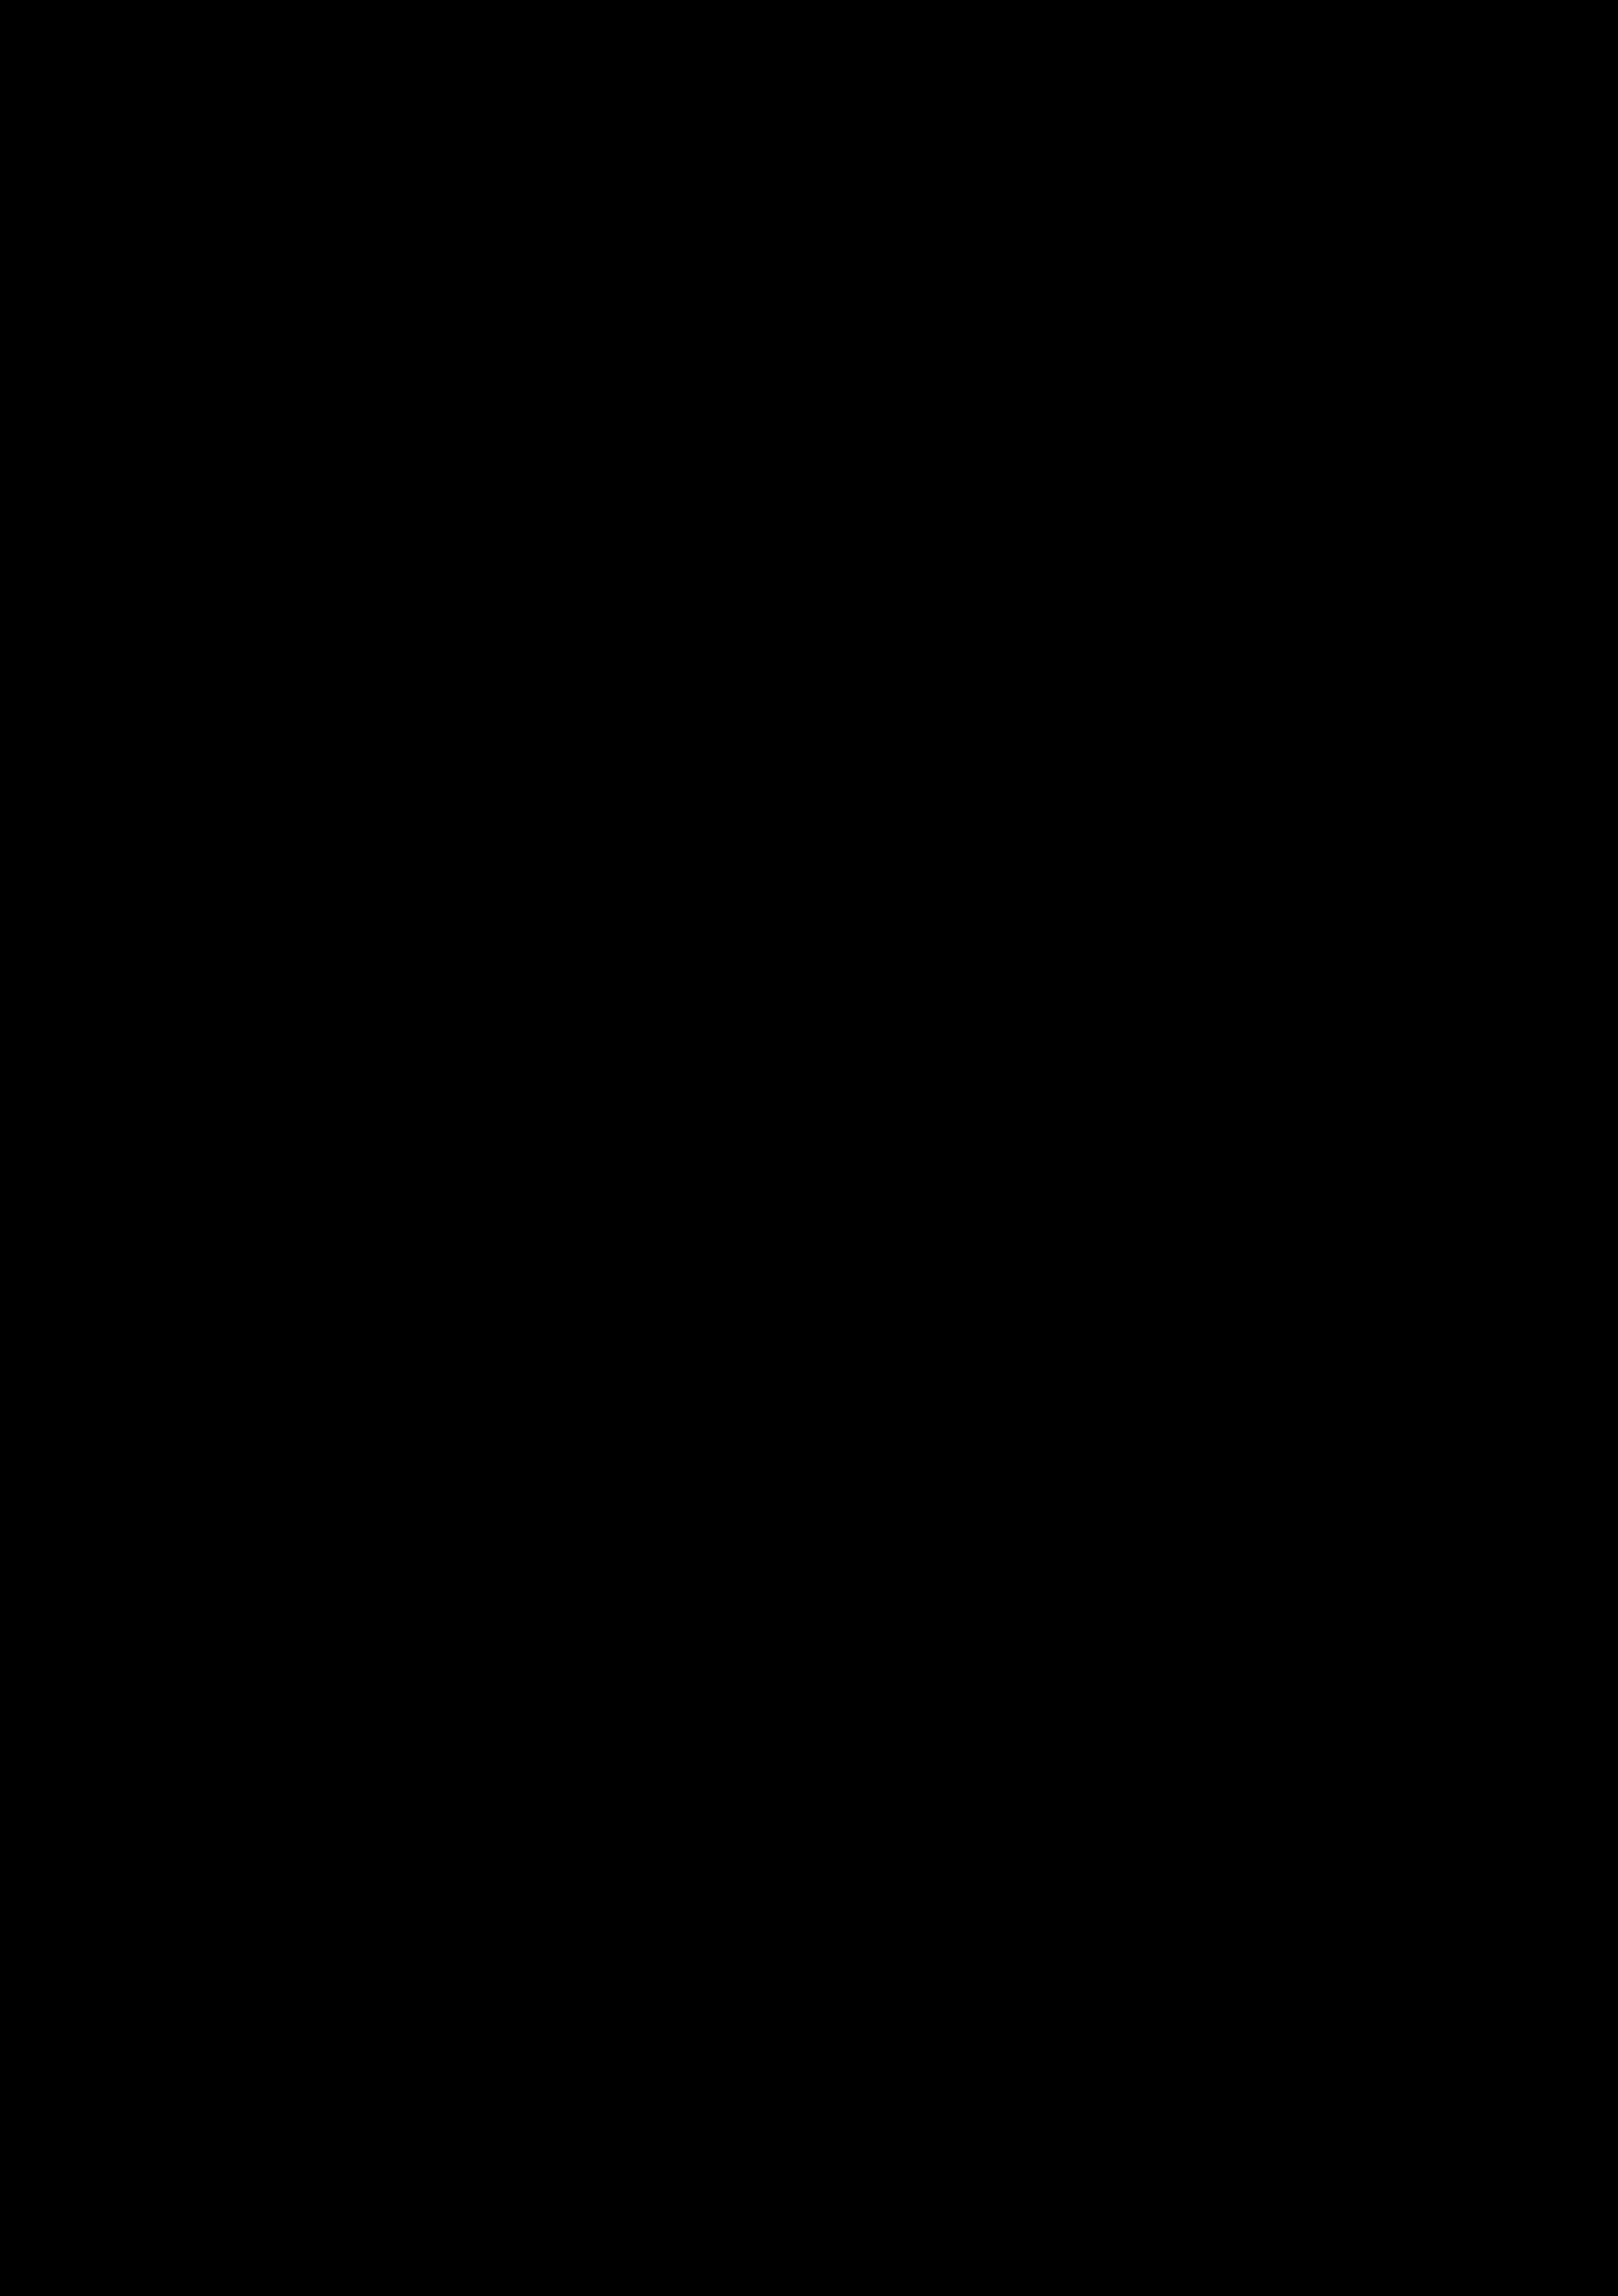 poster-x-men-apocalipsis